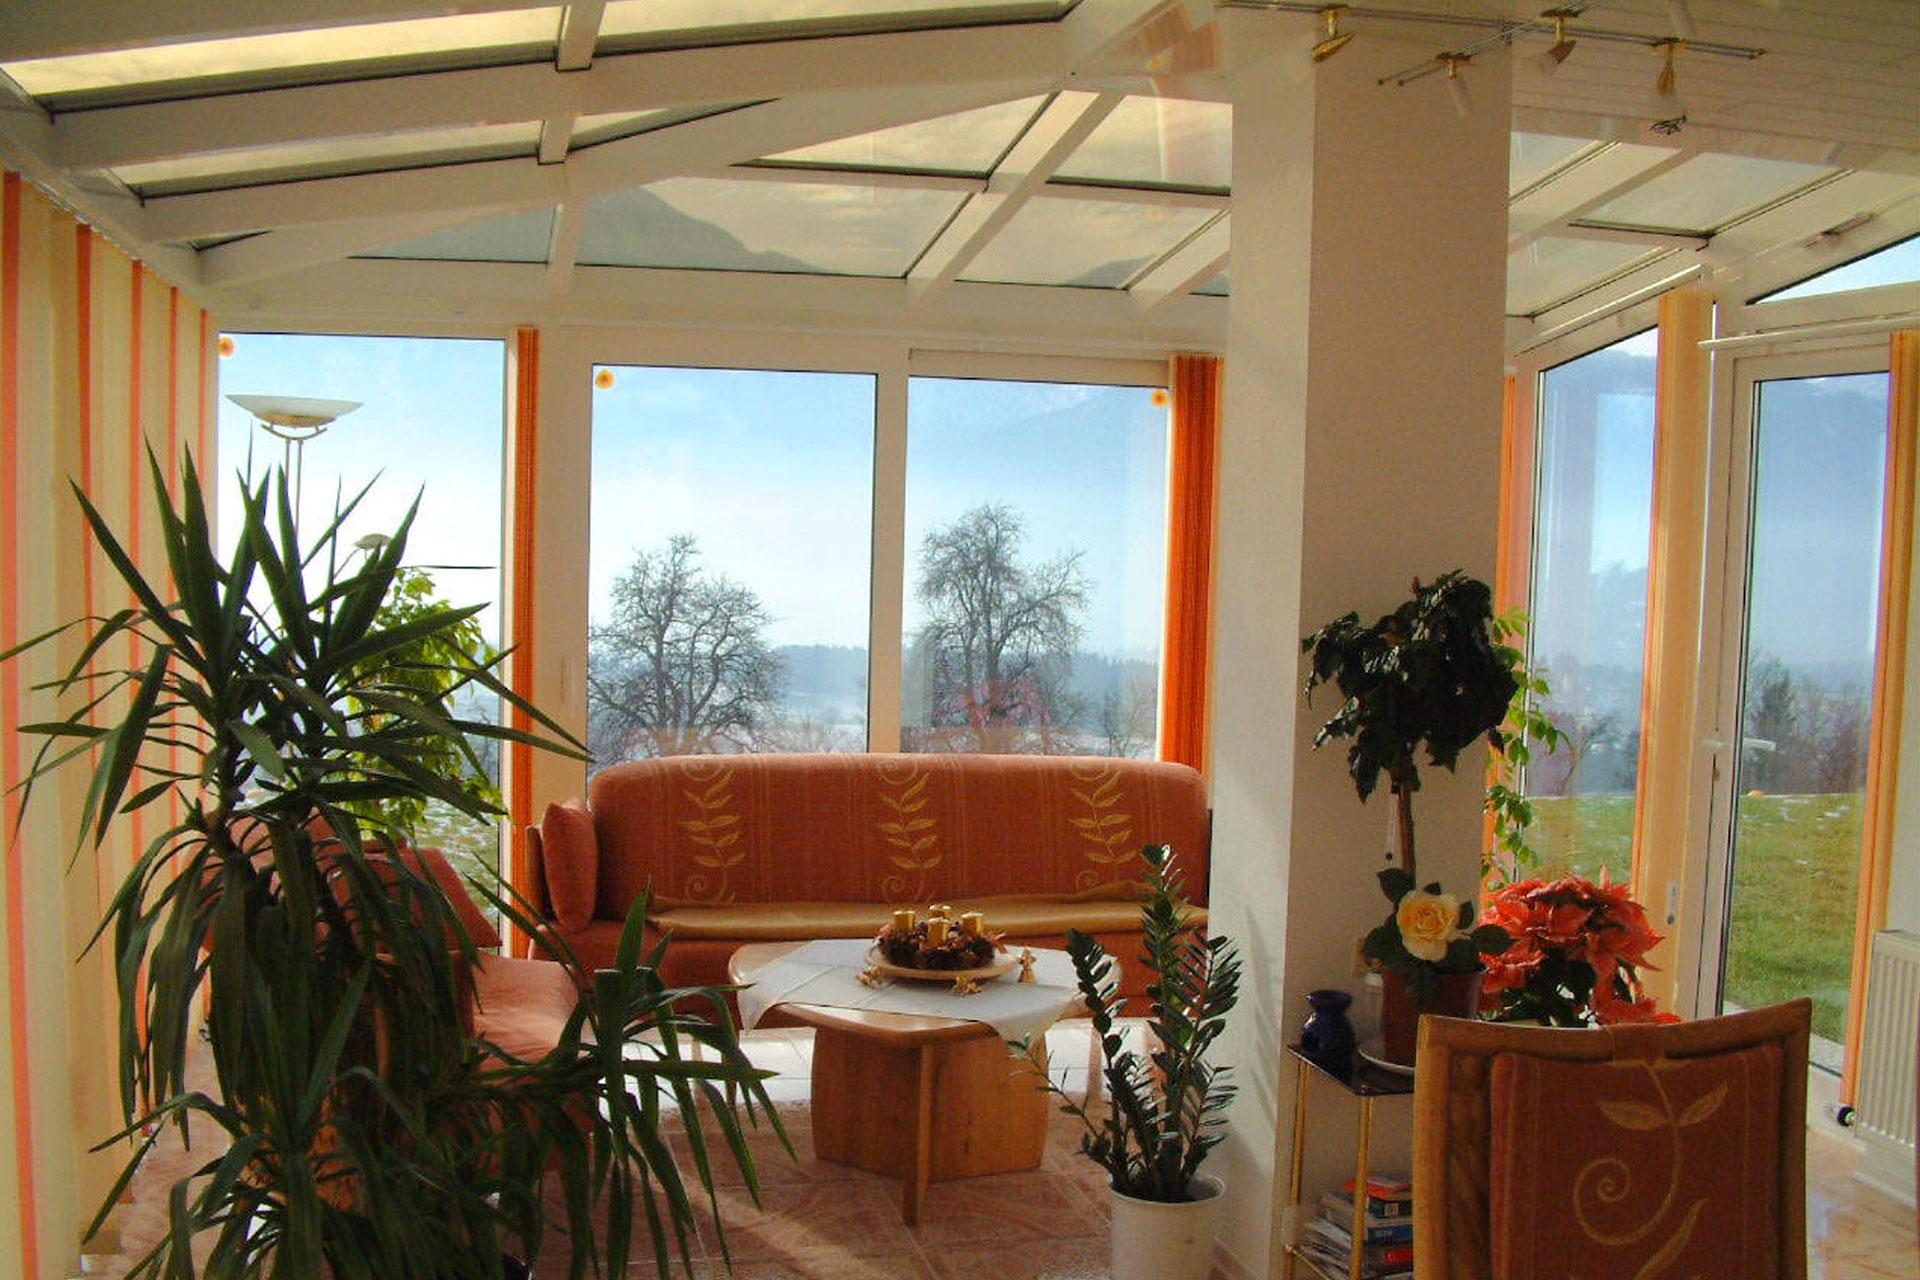 Giardino d'inverno winter garden serramenti alluminio taglio termico gorizia